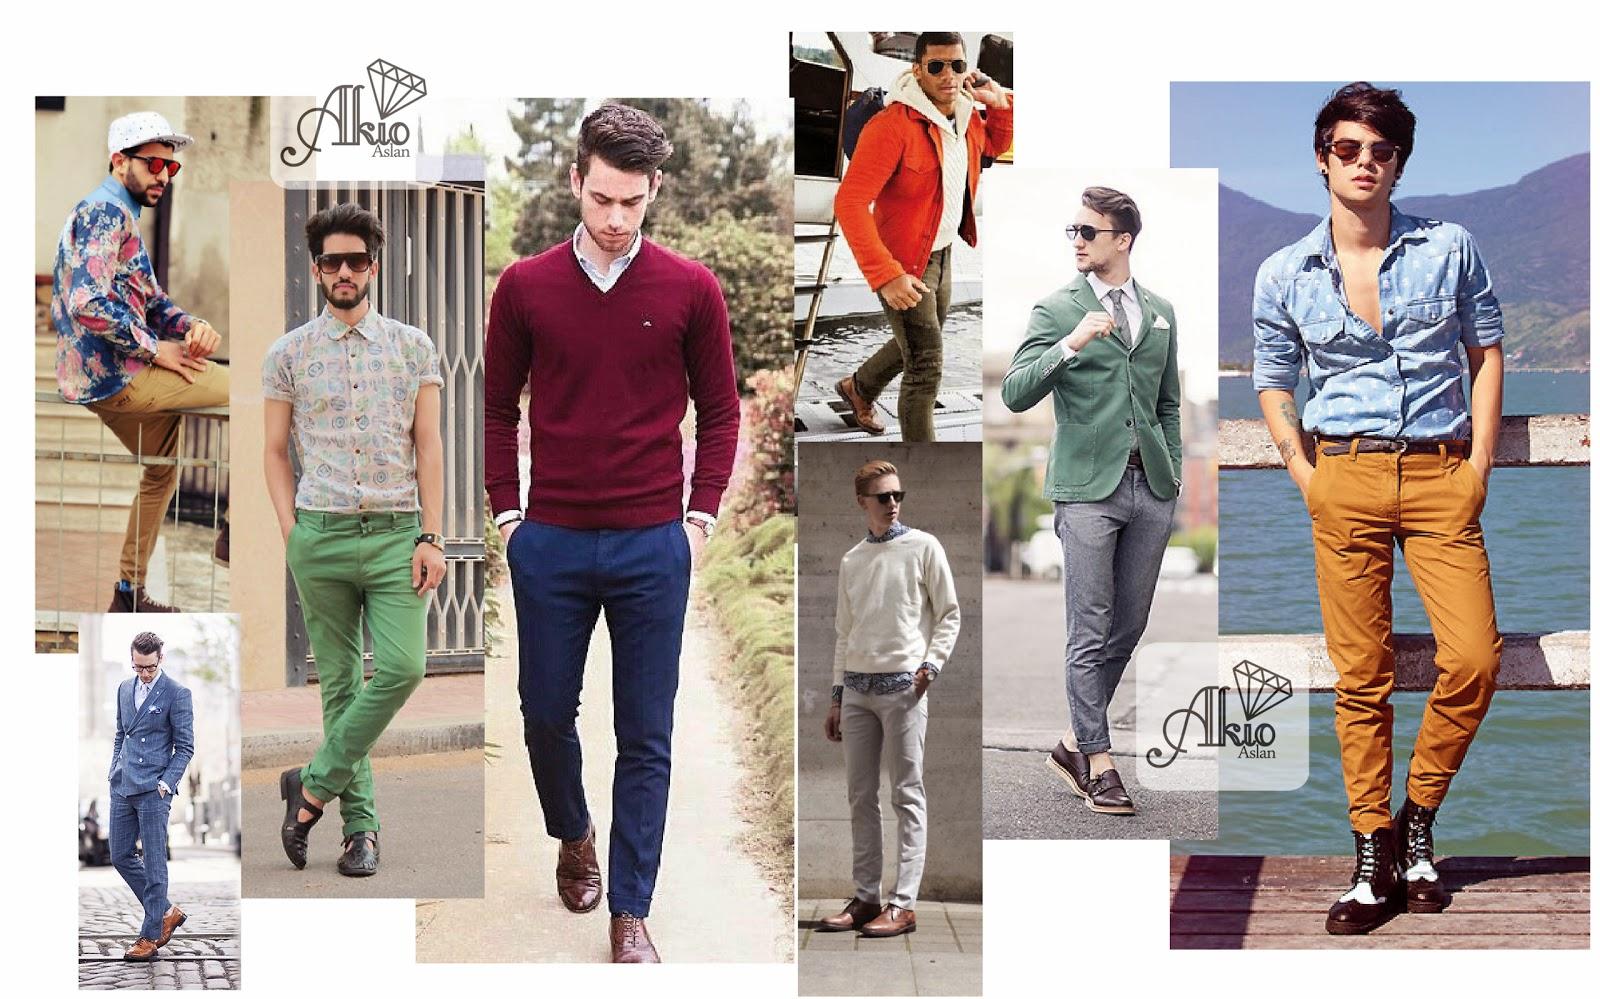 Consejos de moda  Cómo combinar los colores  93e679a2adf